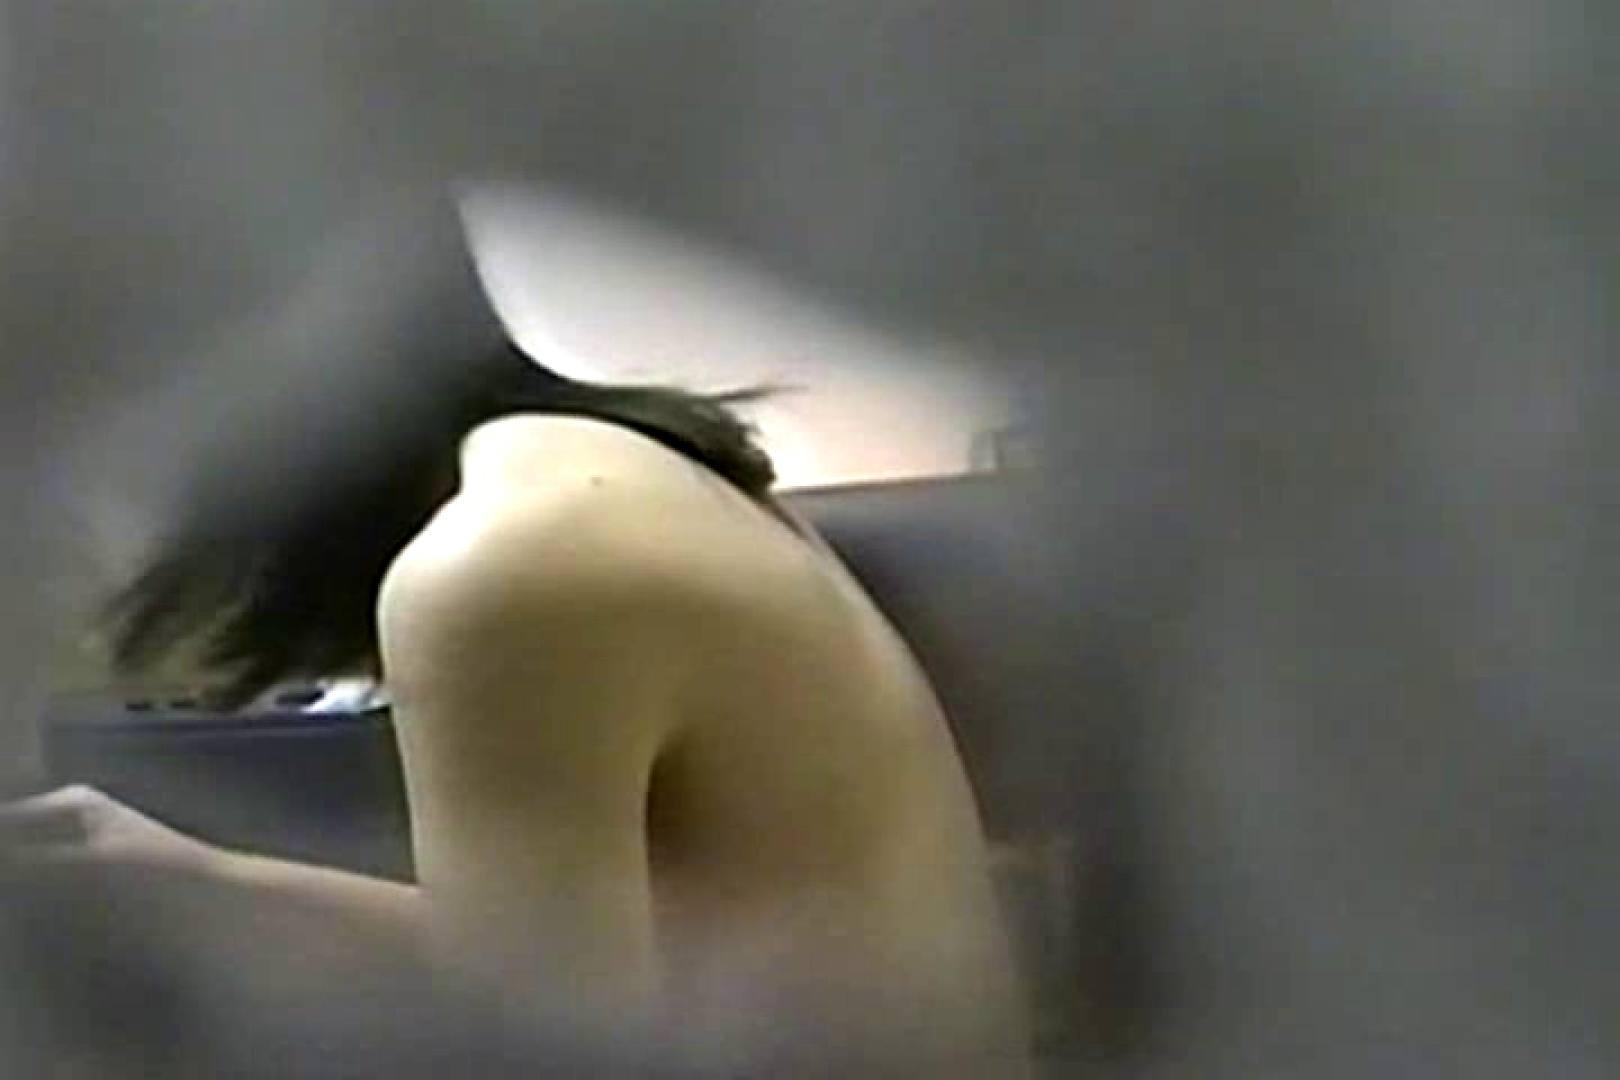 究極の民家覗き撮りVol.4 盗撮師作品 セックス画像 73pic 62